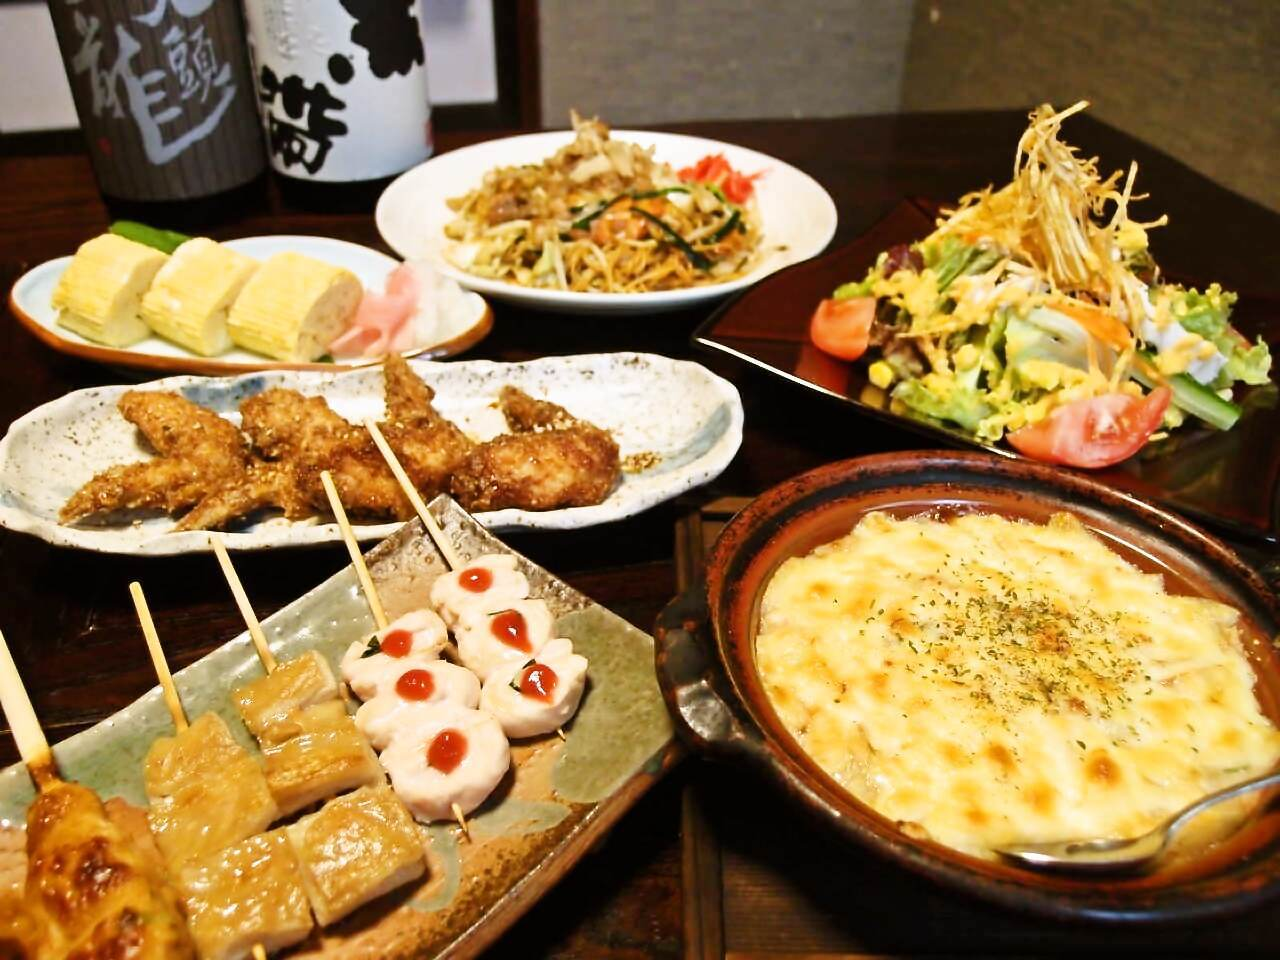 やきとりと魚料理 とりあえず 神宮寺店